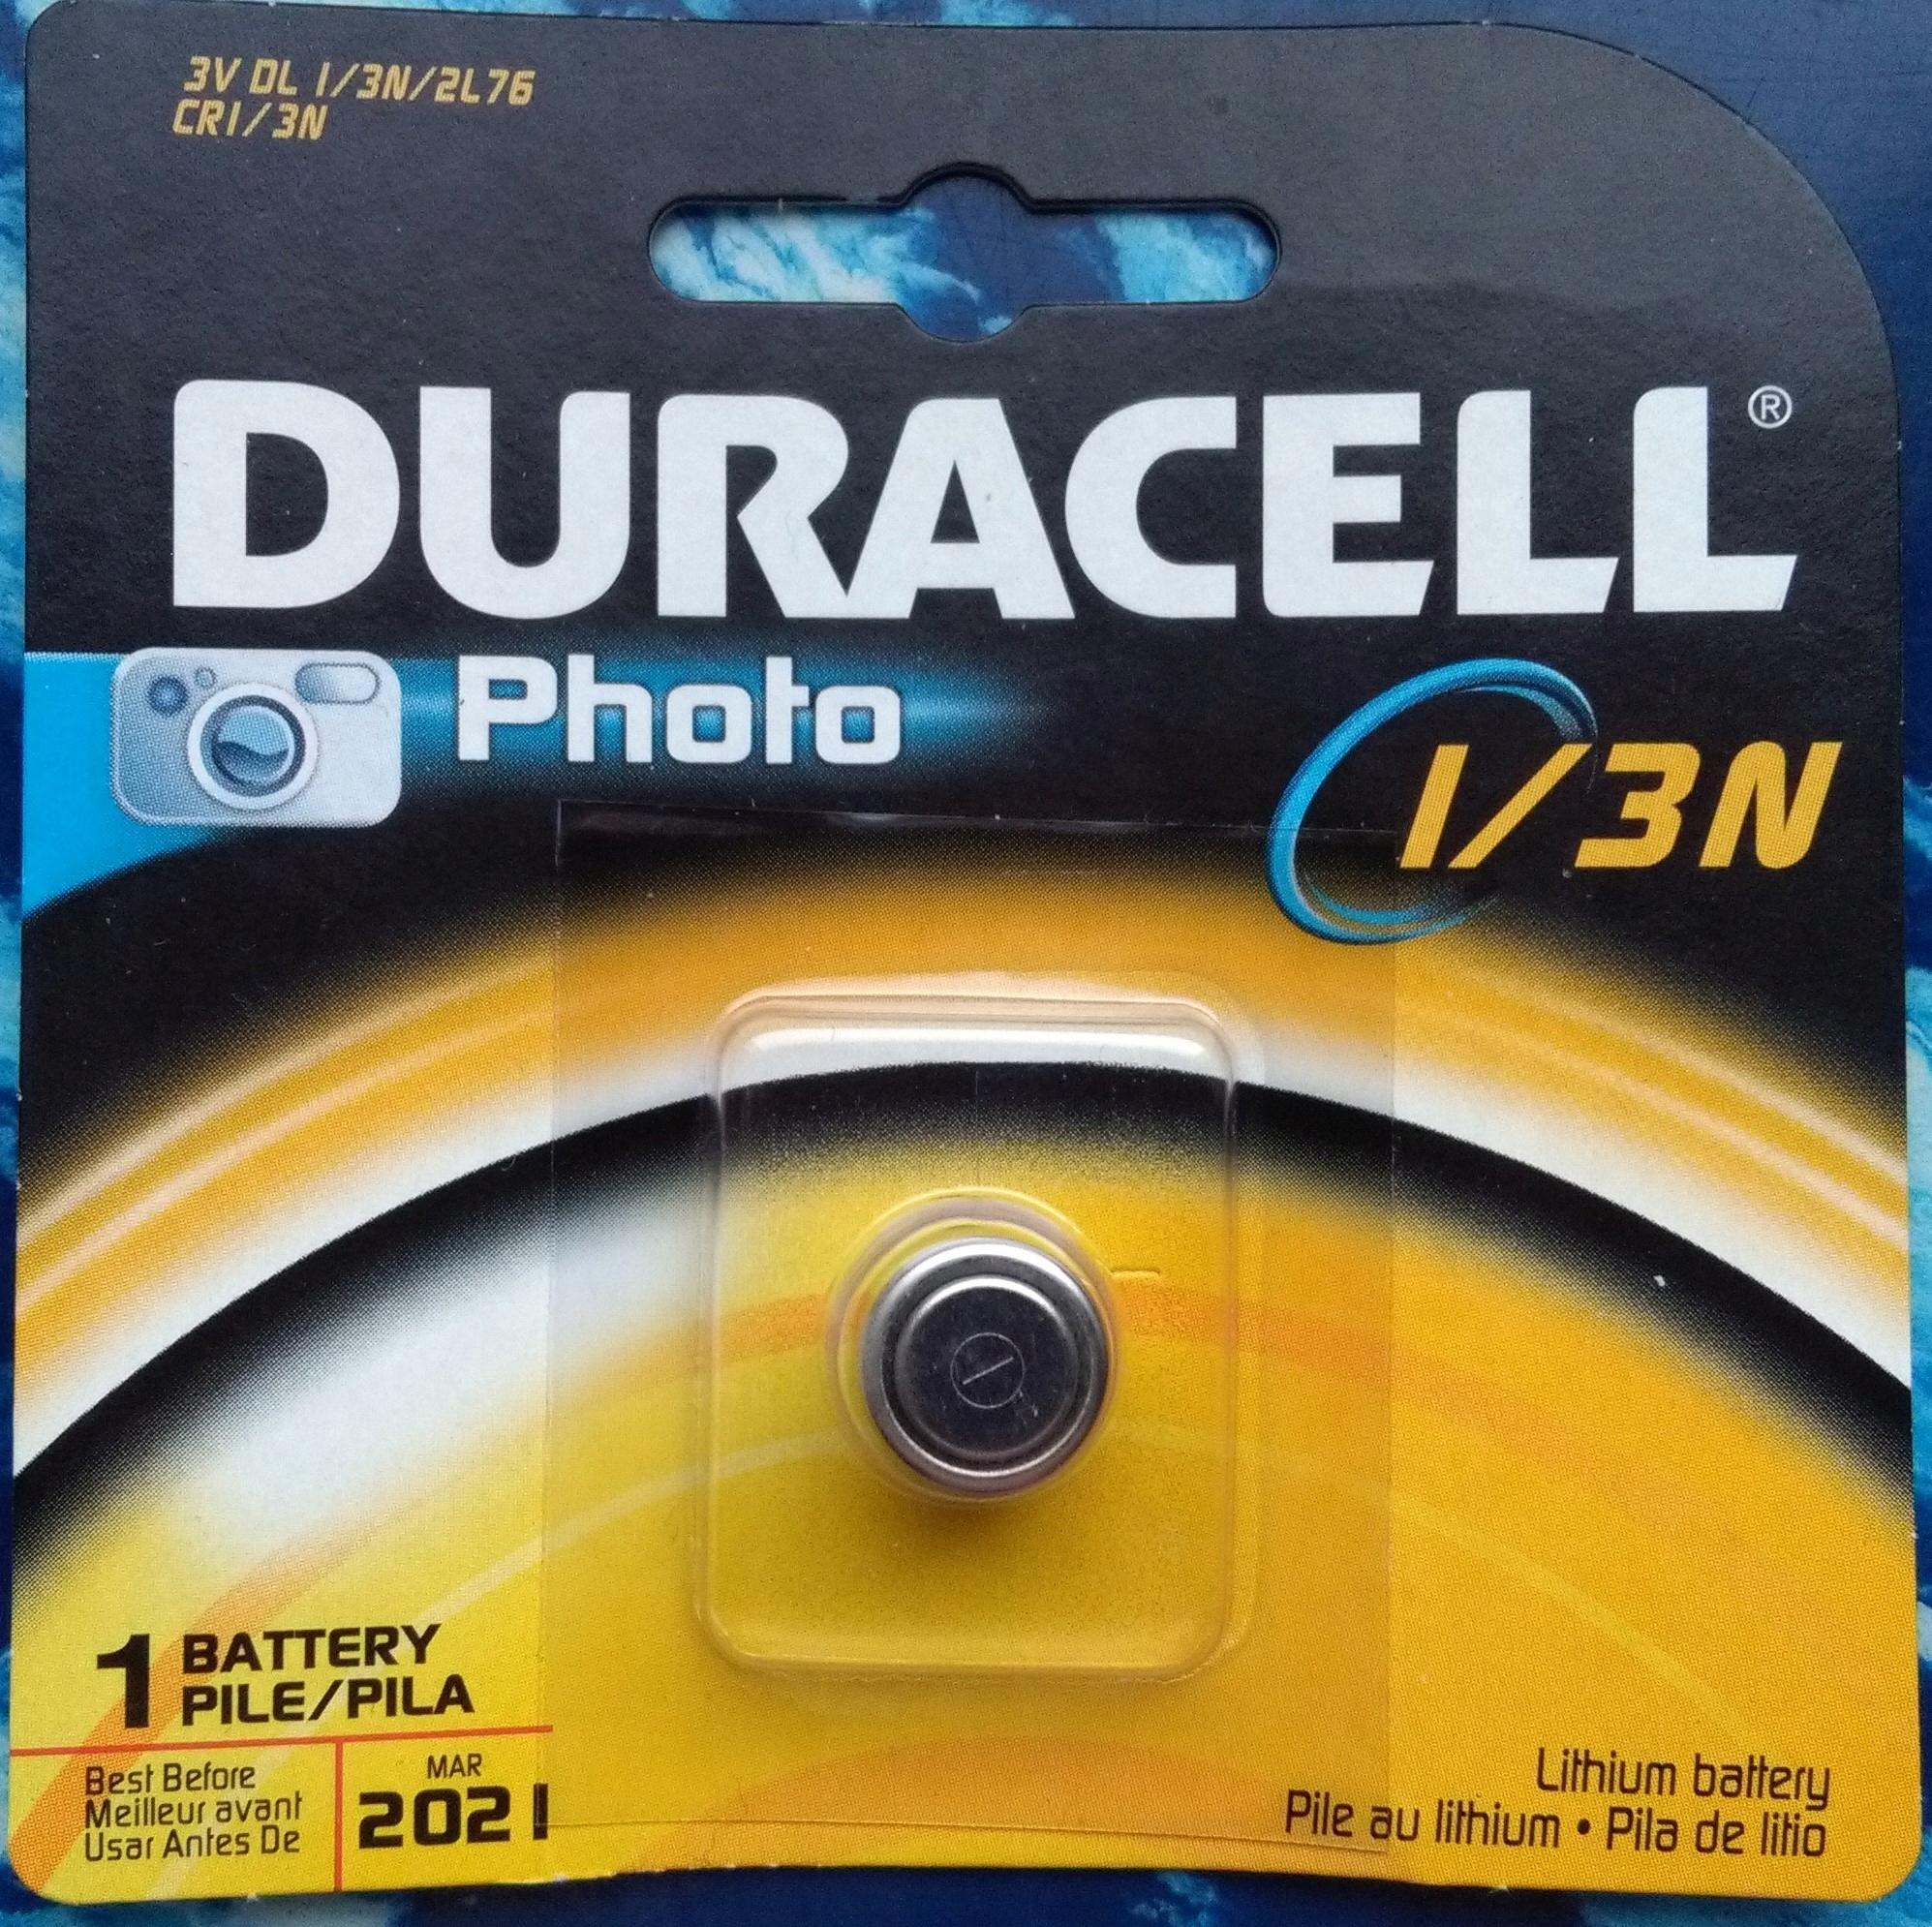 Bateria DURACELL litowa PHOTO CR 1/3 N 3V foto